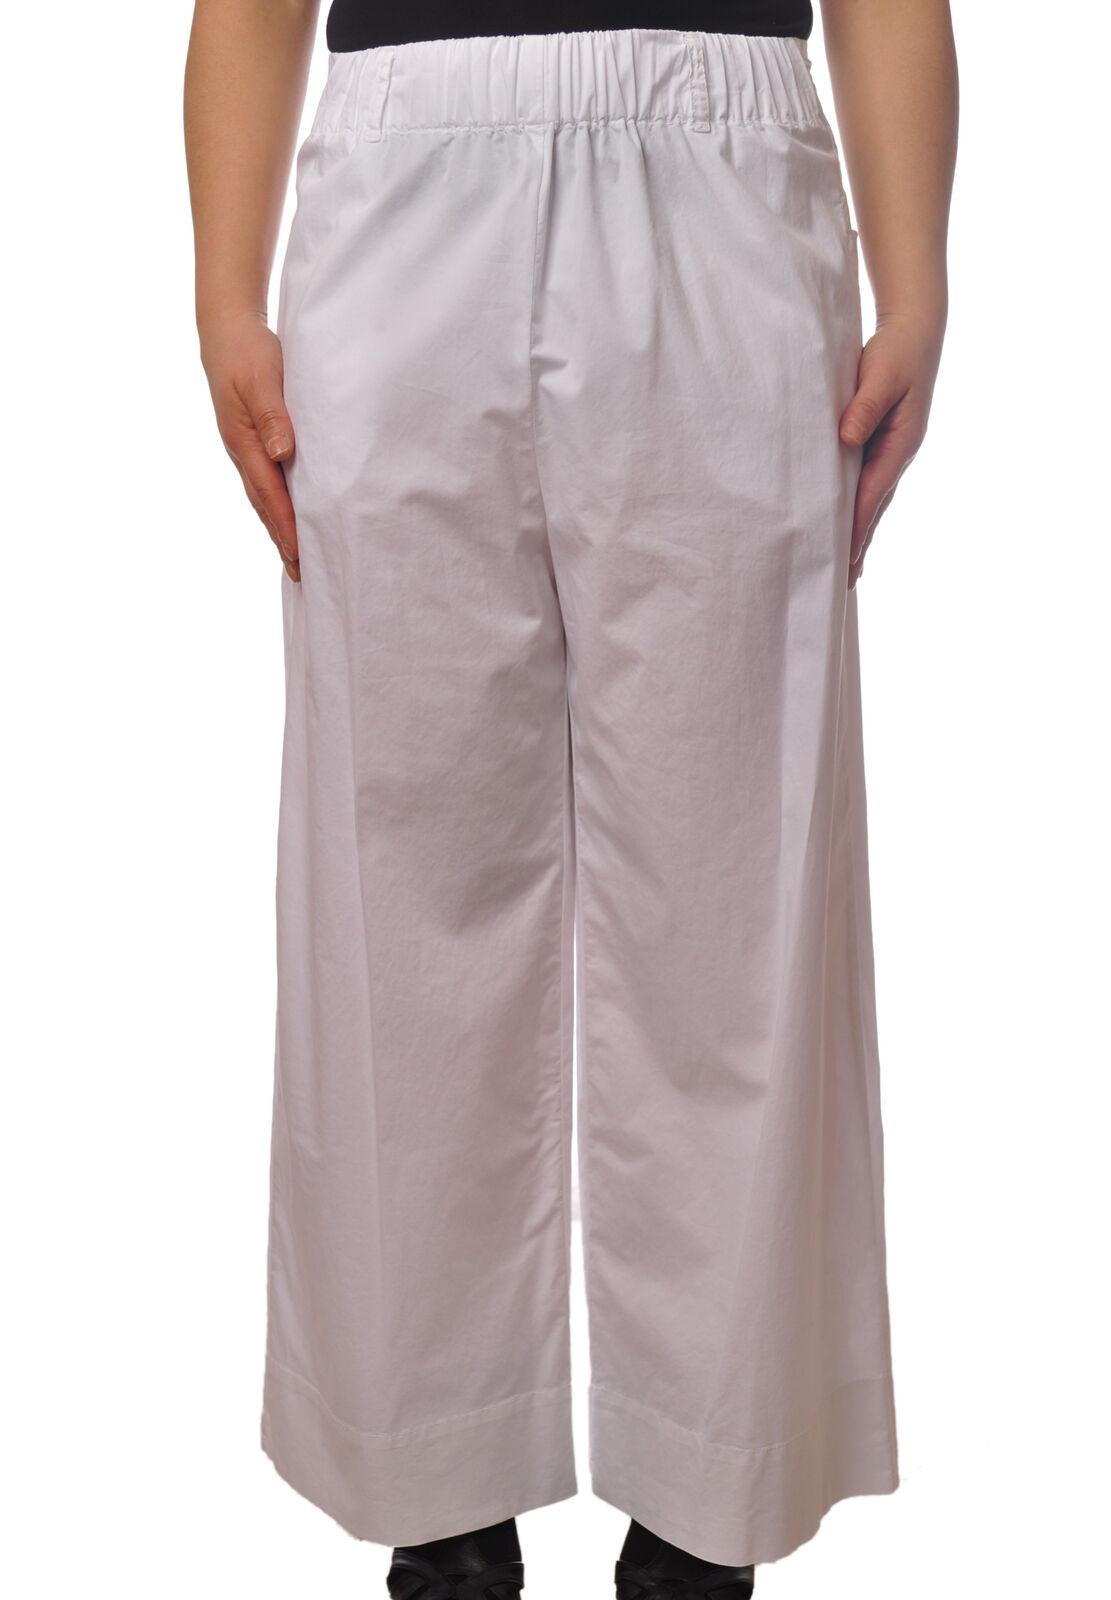 Garage Nouveau - Pants-Pants - Woman - White - 5129315G181313